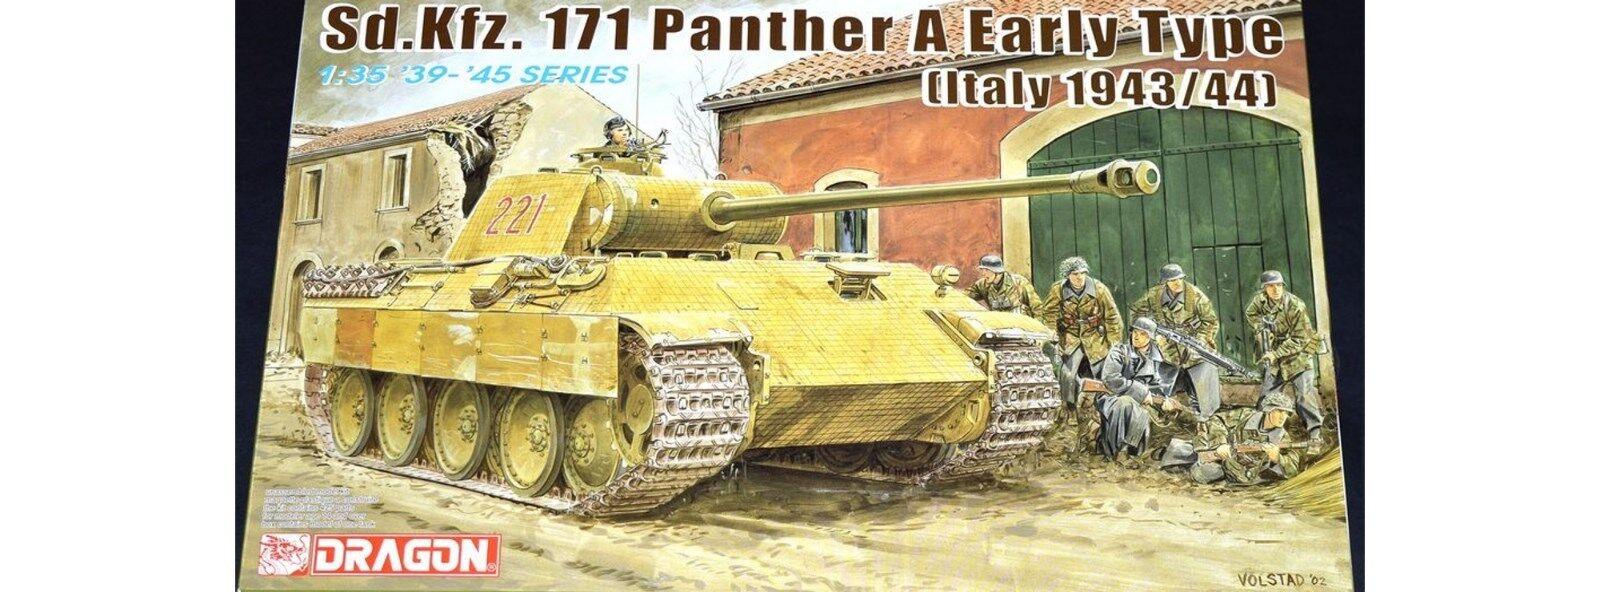 KIT DRAGON 1 35 CARRO ARMATO Sd.kfz.171  PANTHER A EARLY TYPE (ITALIA)  ART.6160